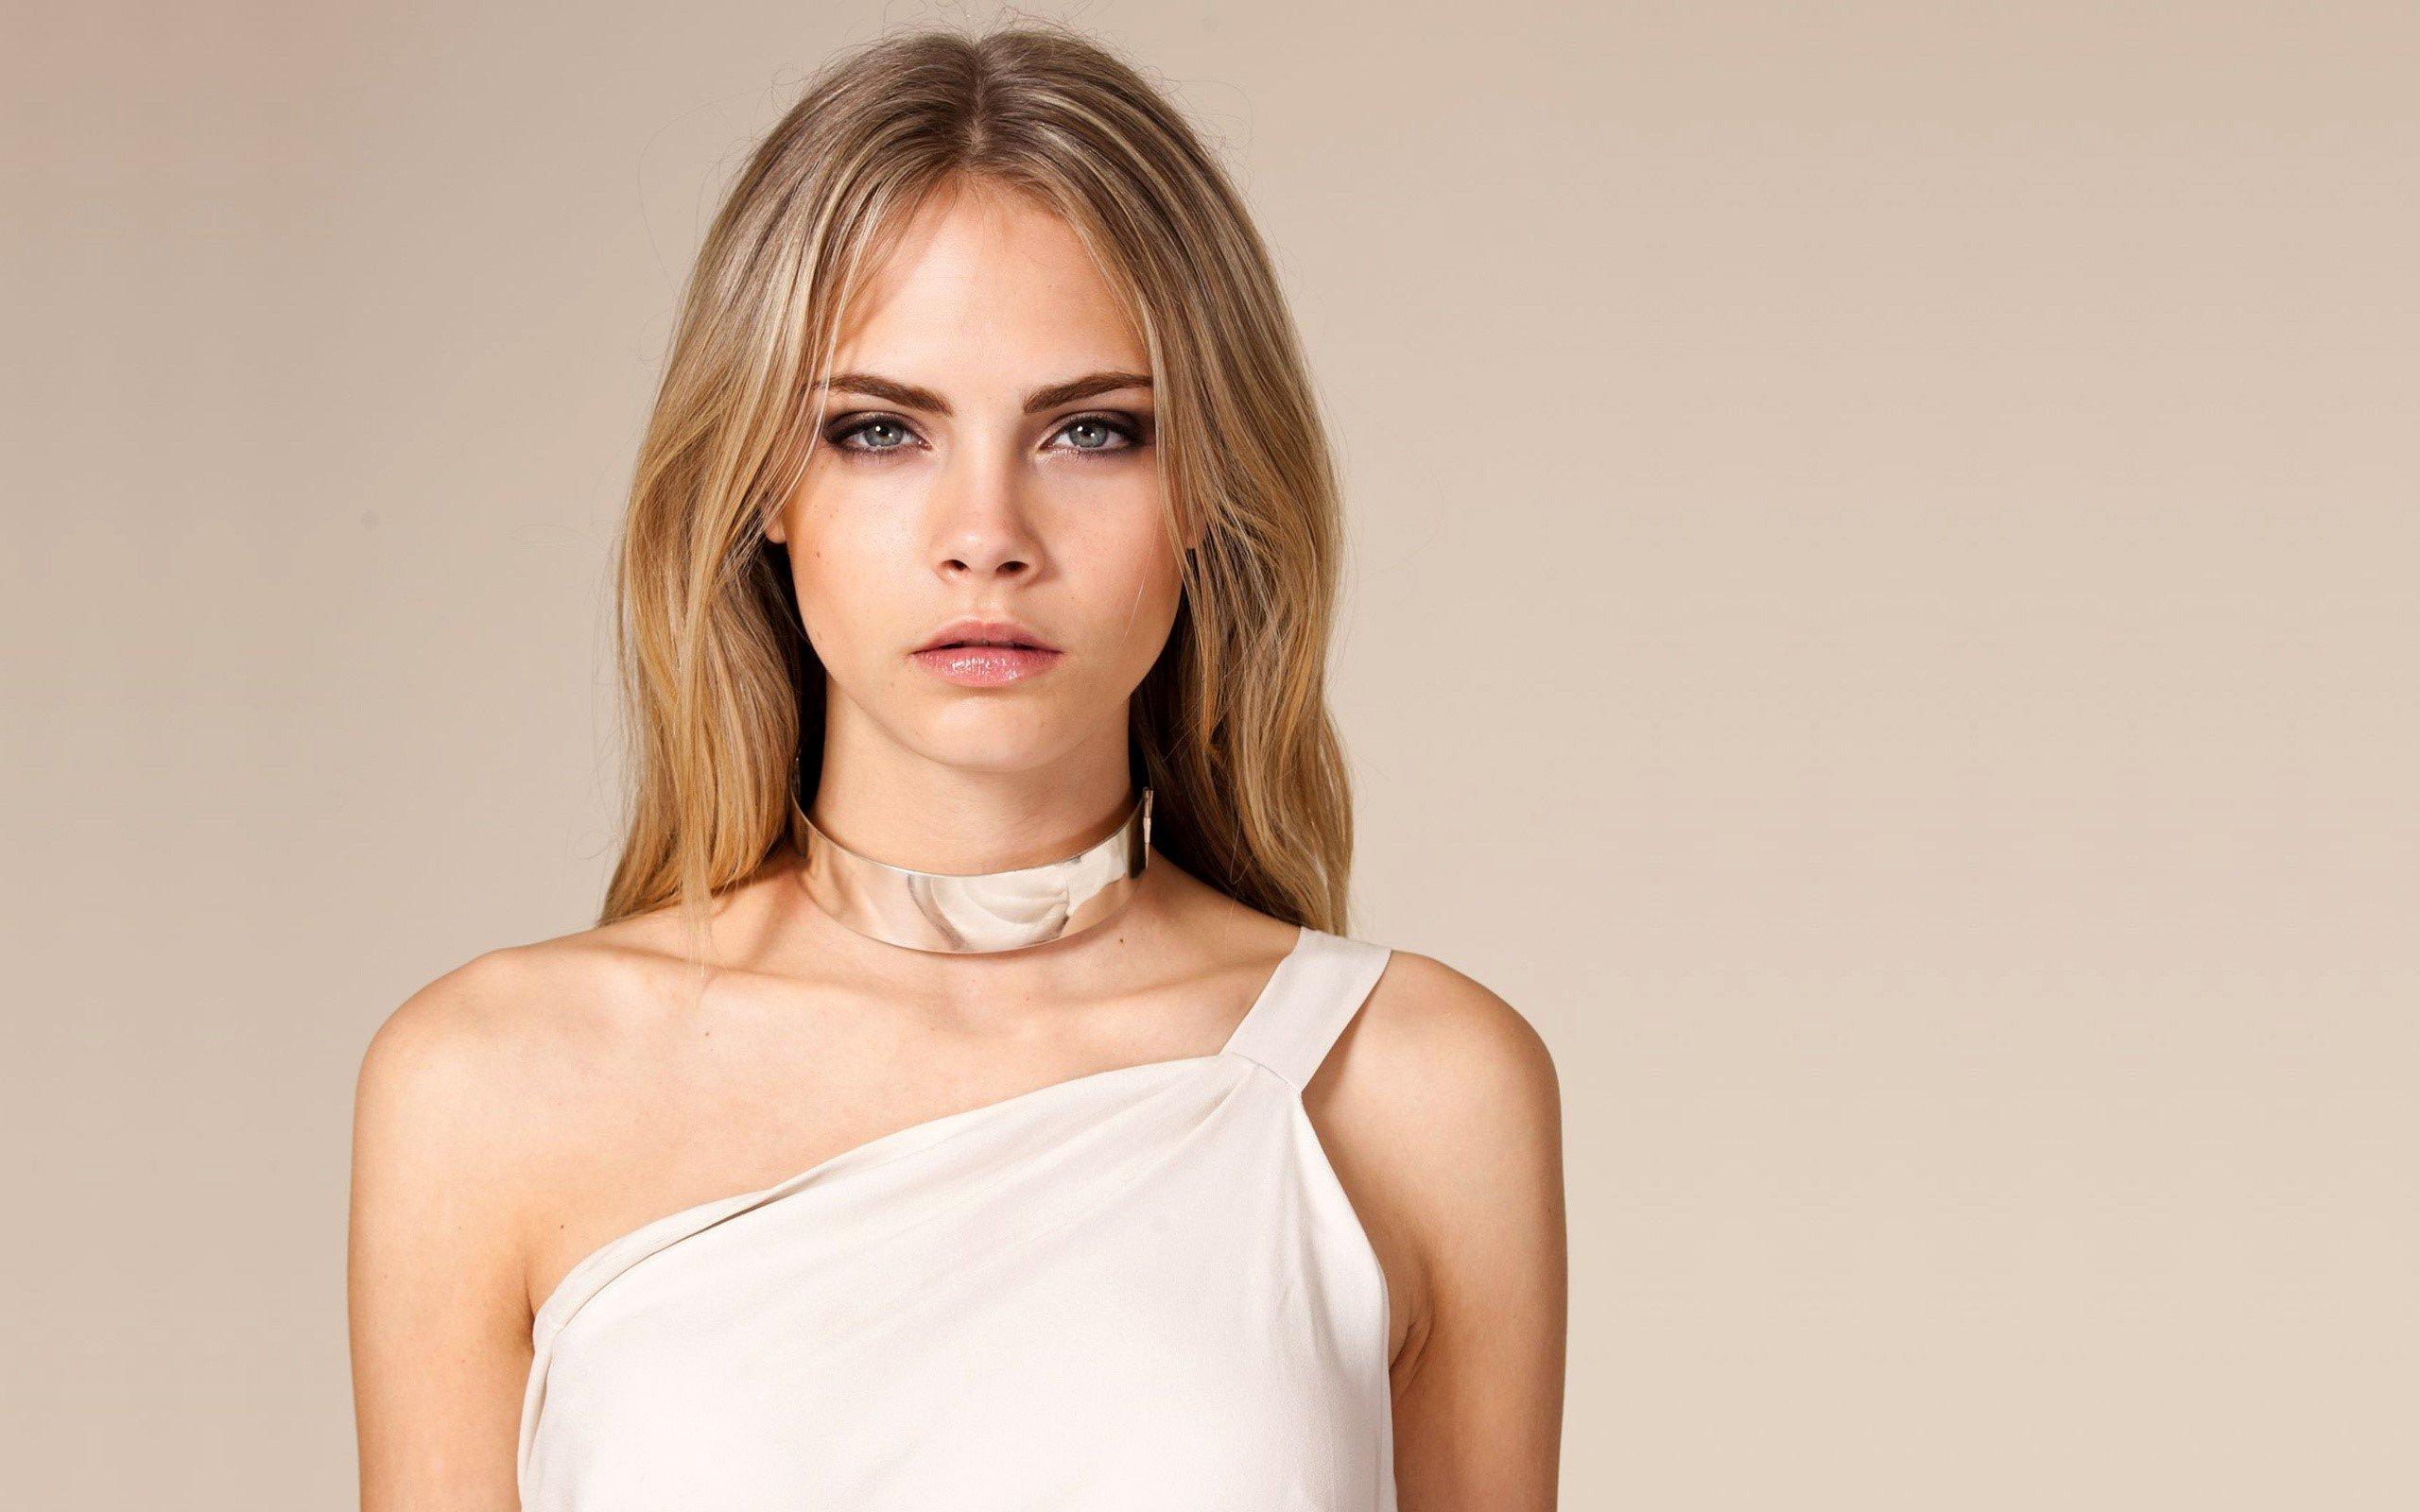 Fondo de pantalla de Cara Delevingne con un vestido blanco Imágenes